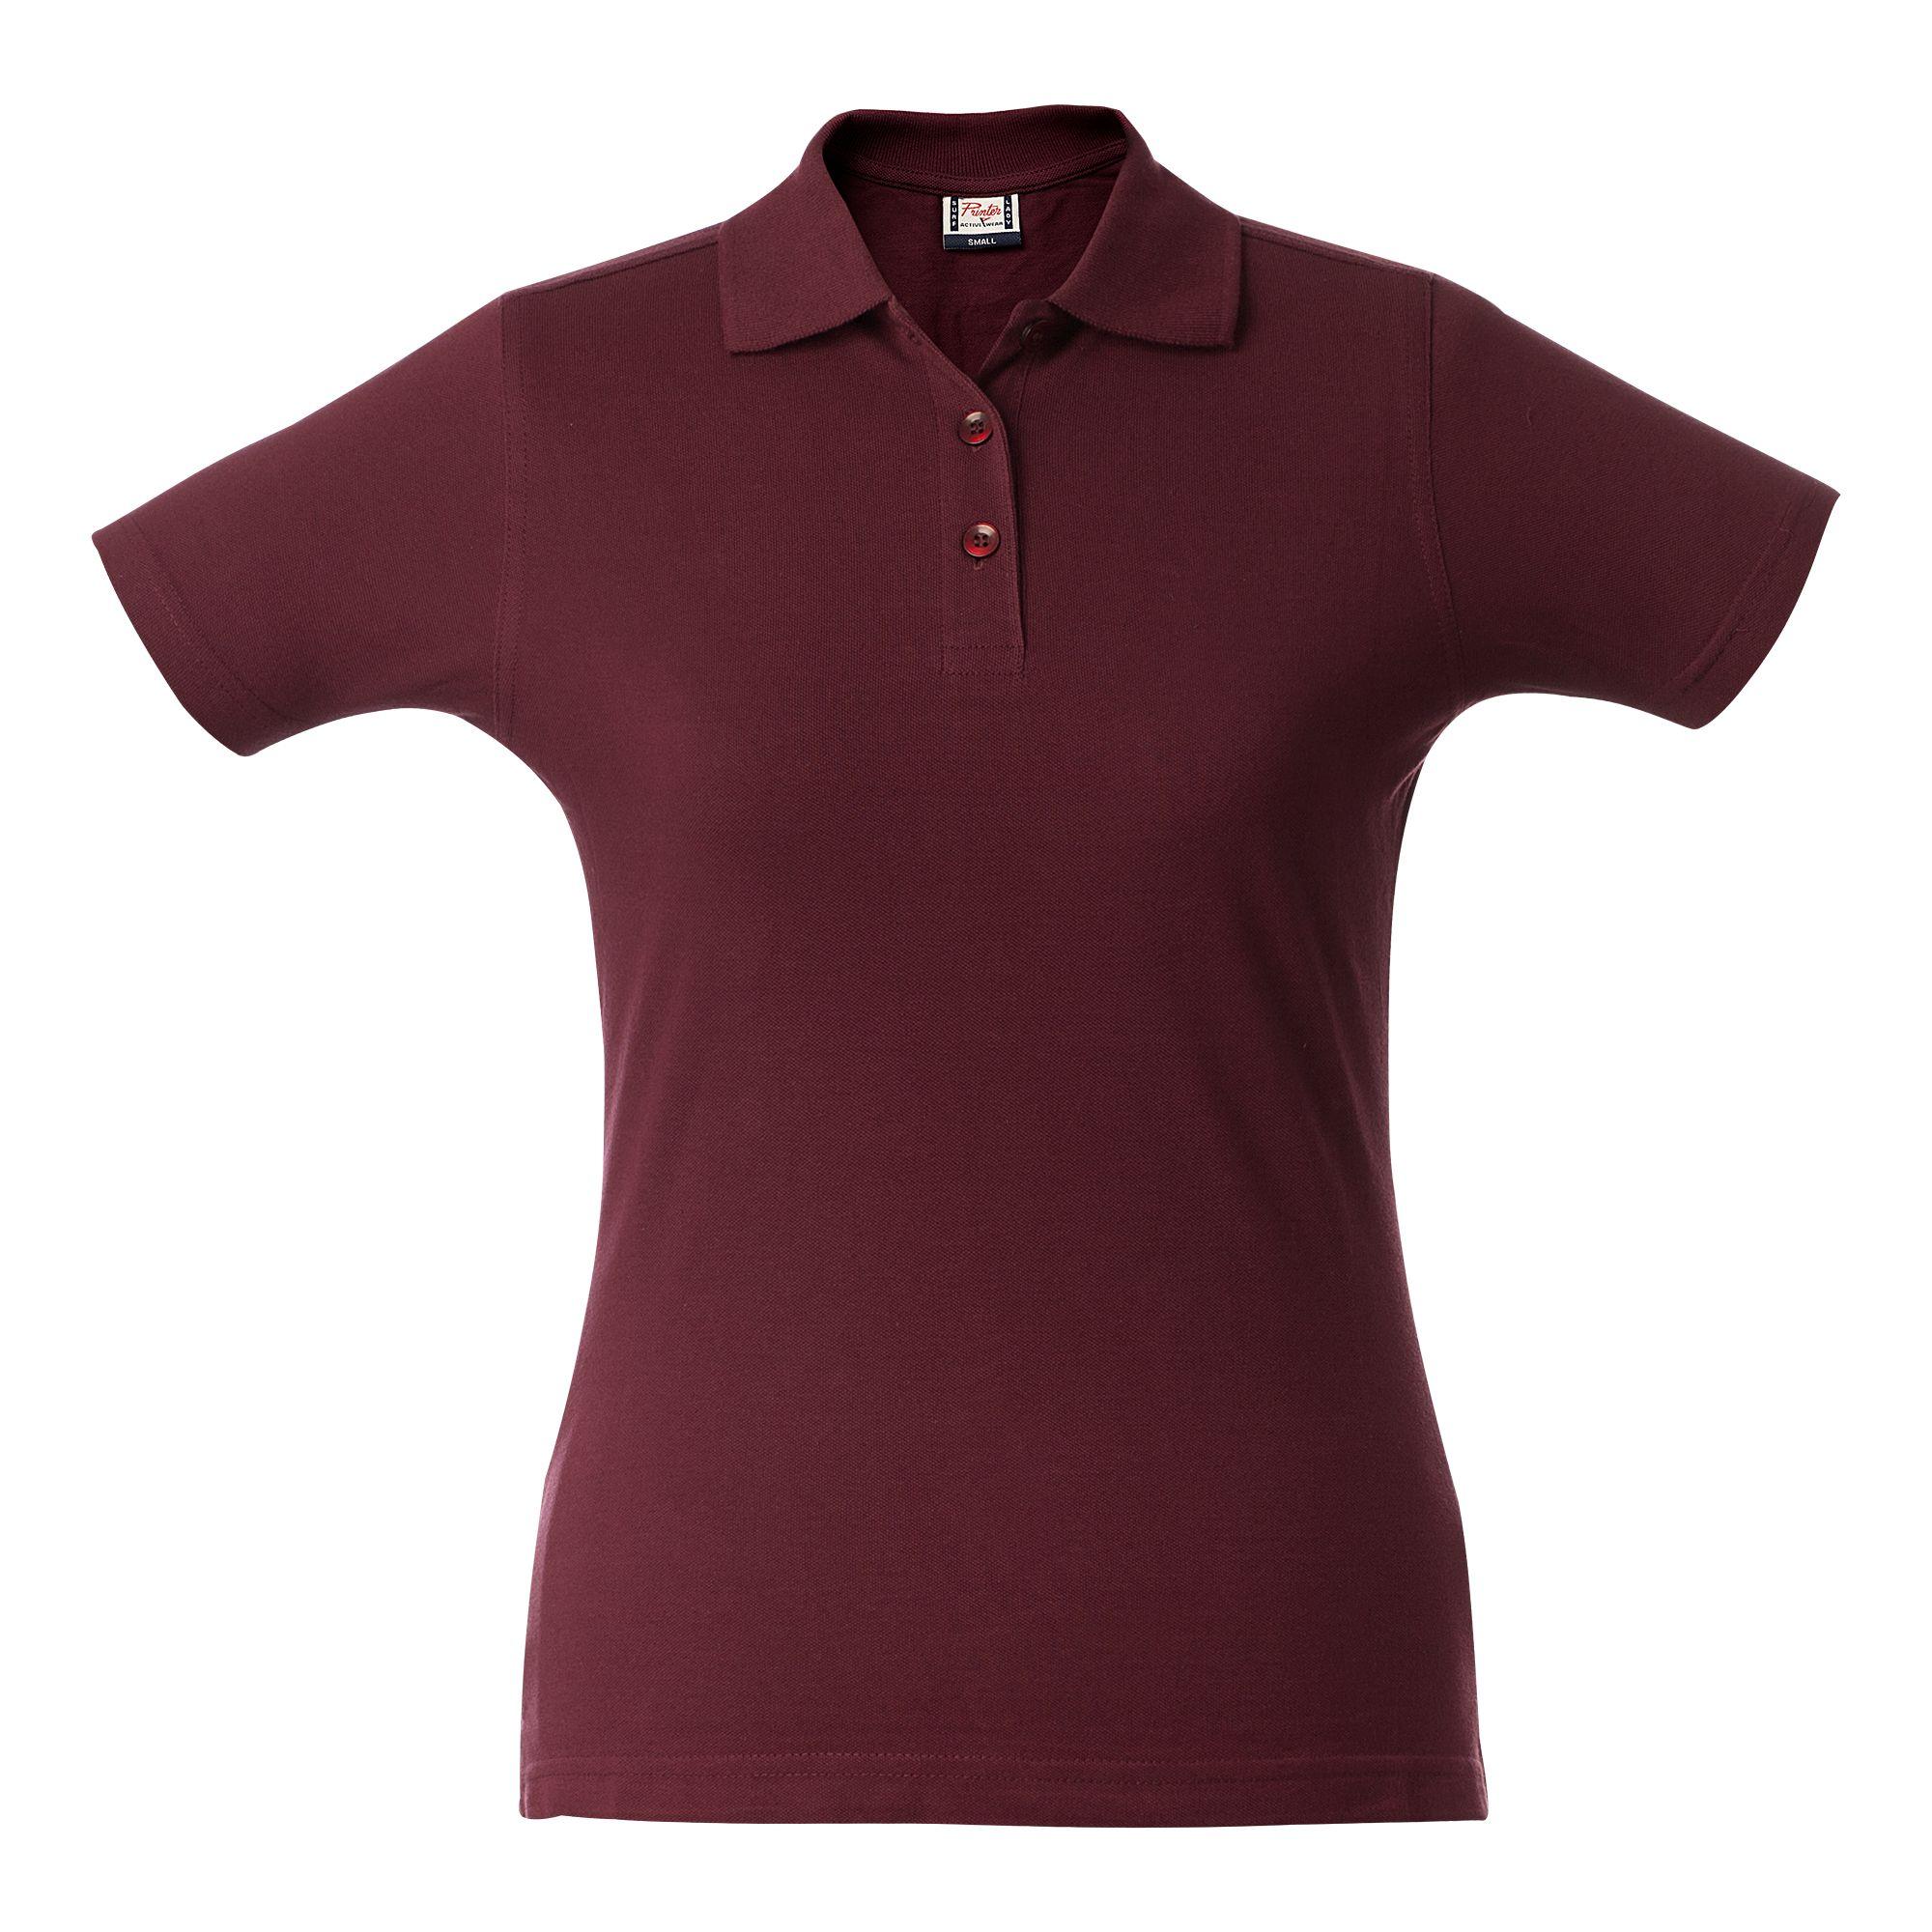 Рубашка поло женская SURF LADY, бордовая